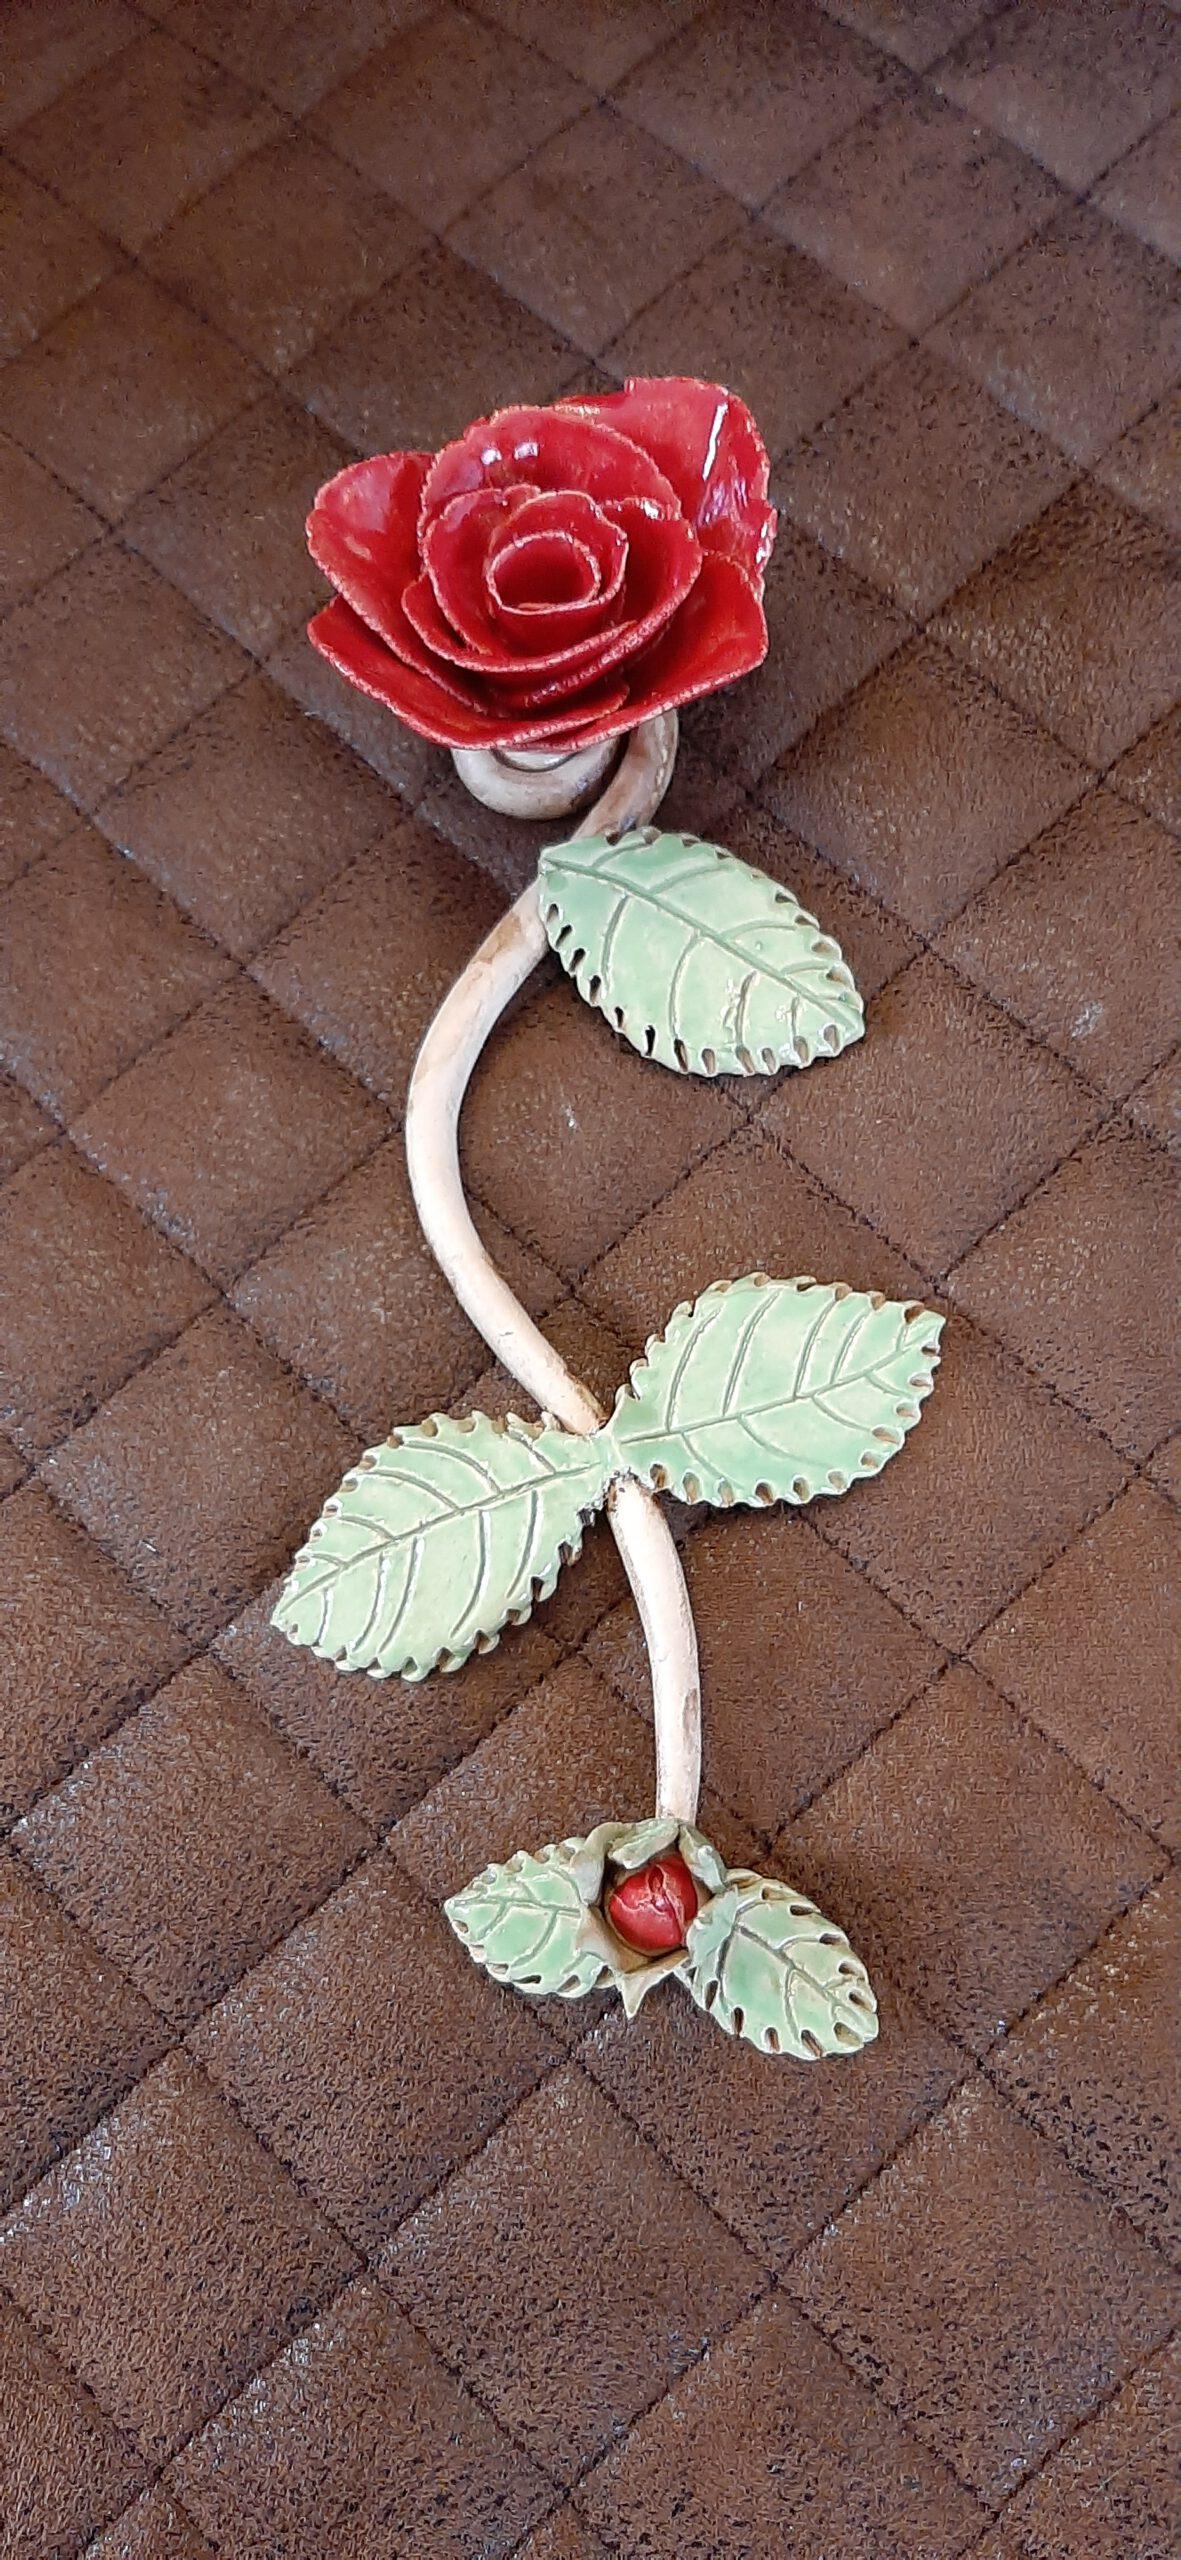 Rose am Stil mit Knospe, originelle Handarbeit, Unikate, KeraMik von Herz zu Herz, besondere Geschenke, Unikate, Blumen, Einzelstück, Individuelles, Kunst aus Ton, Germany, Augsburg